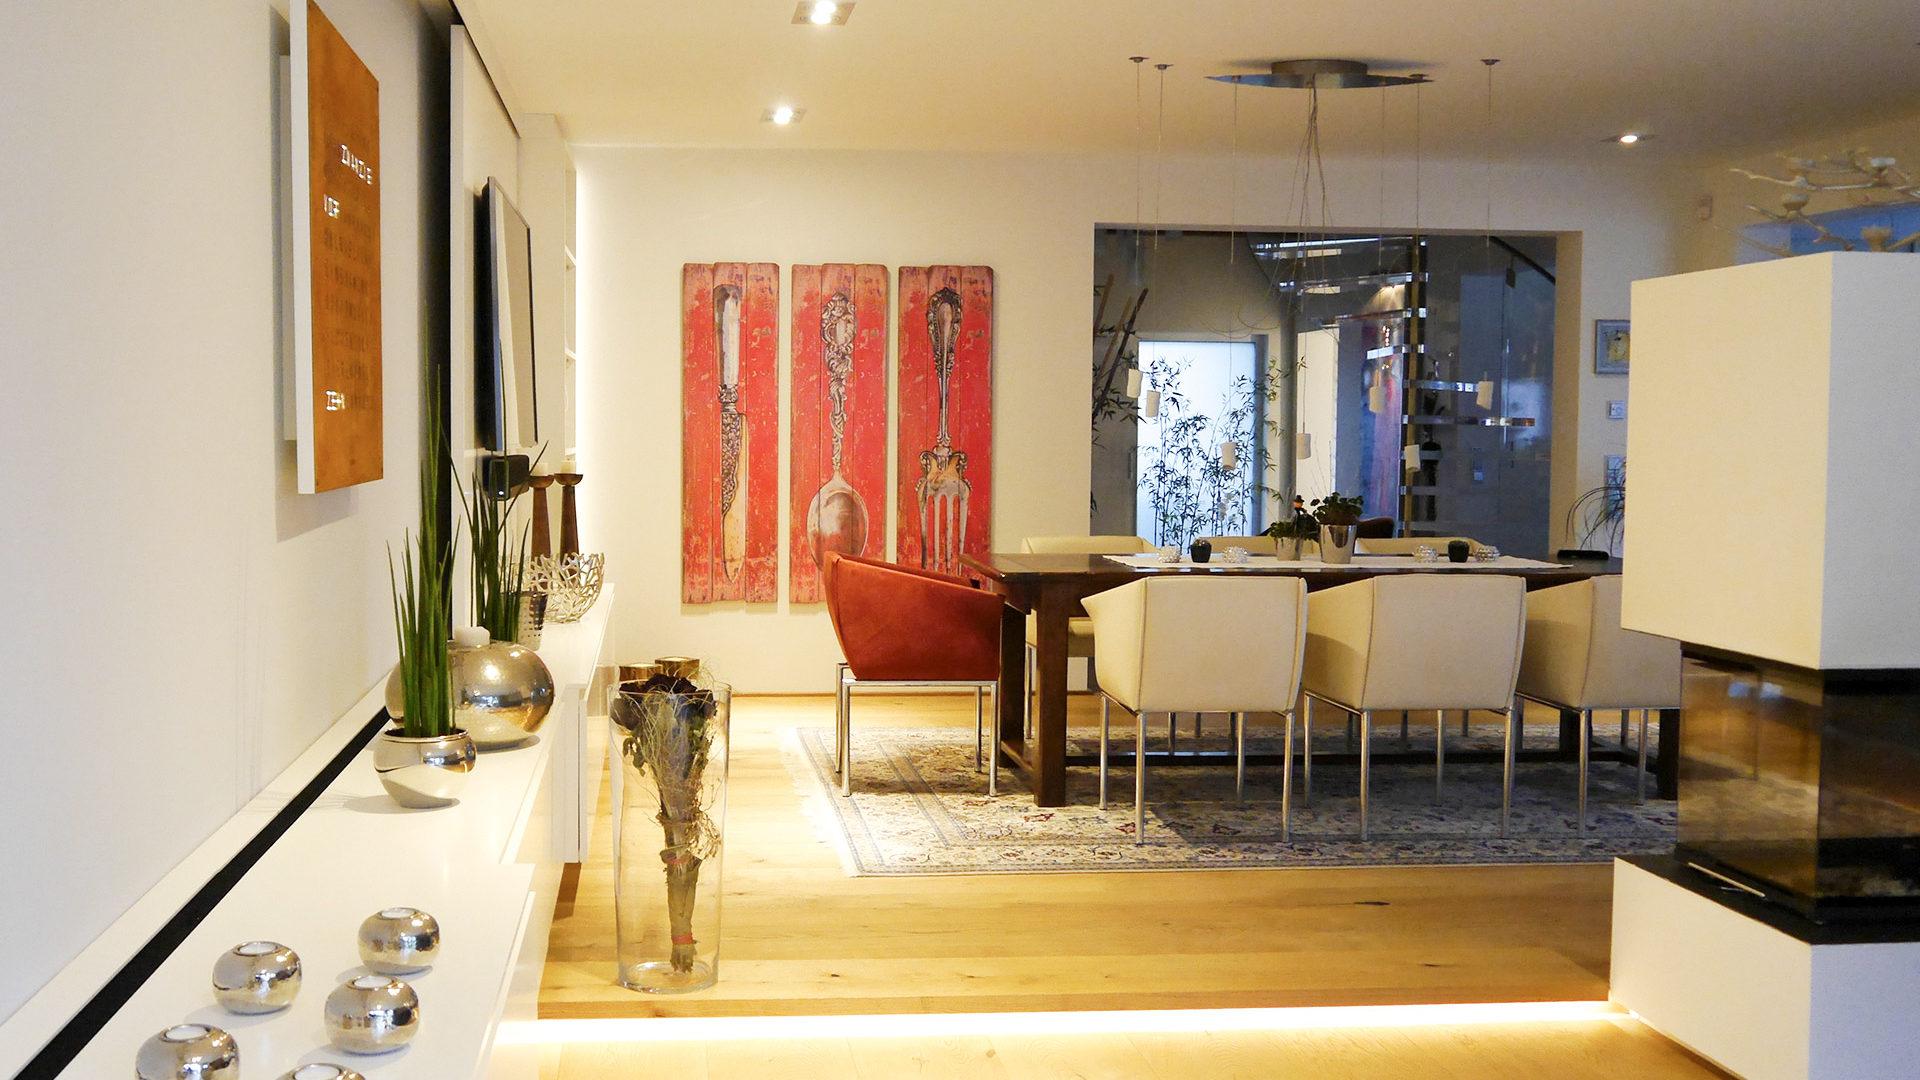 Wohnräume | Referenzen | Hammer Margrander Interior